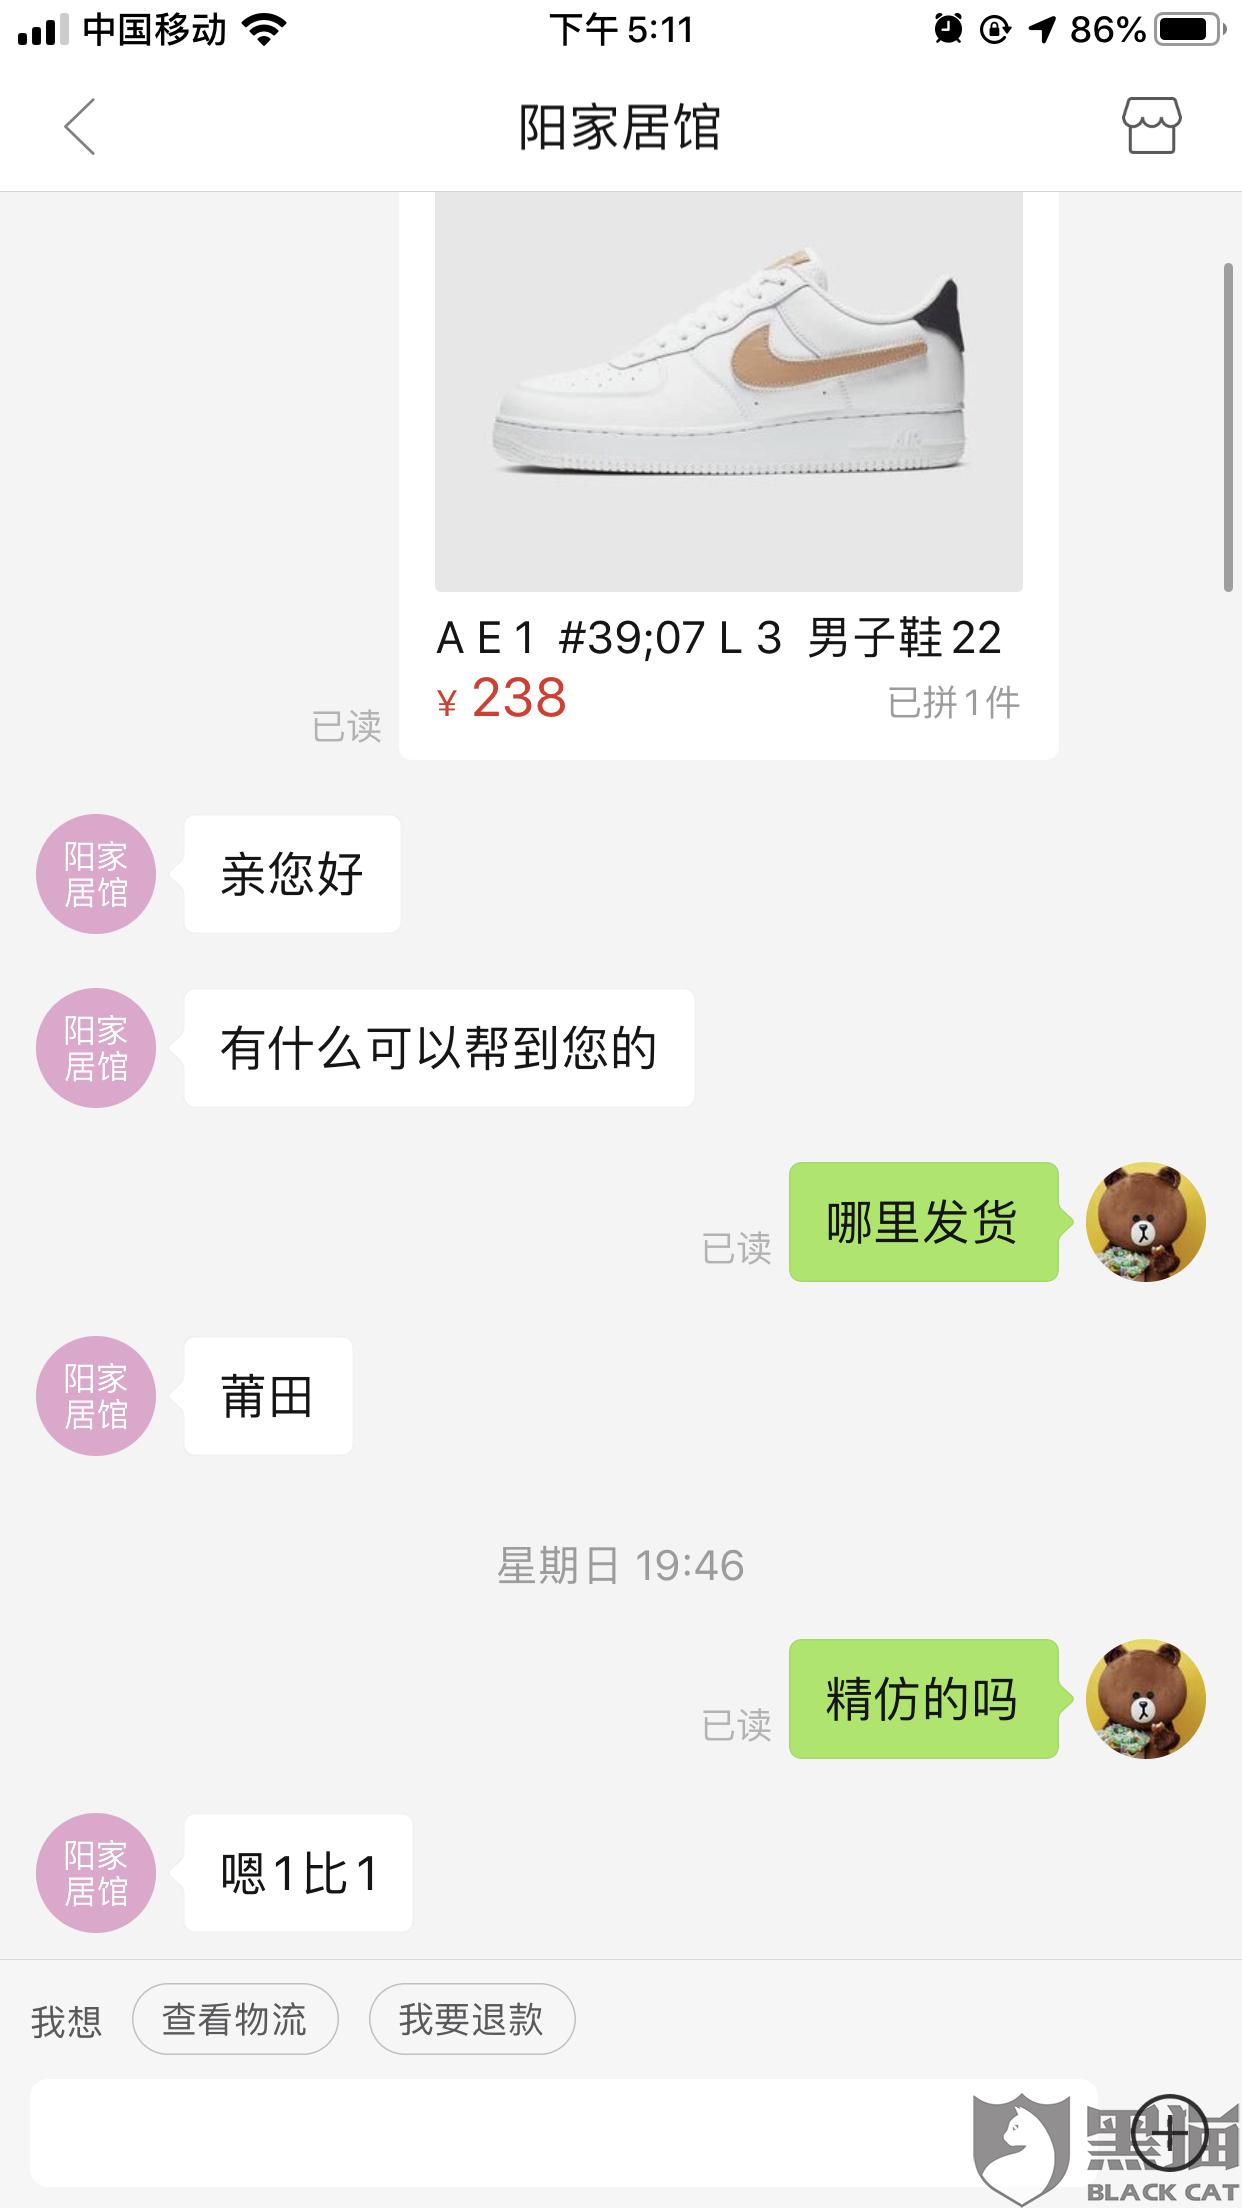 黑猫投诉:拼多多店铺【阳家居馆】销售空军一号